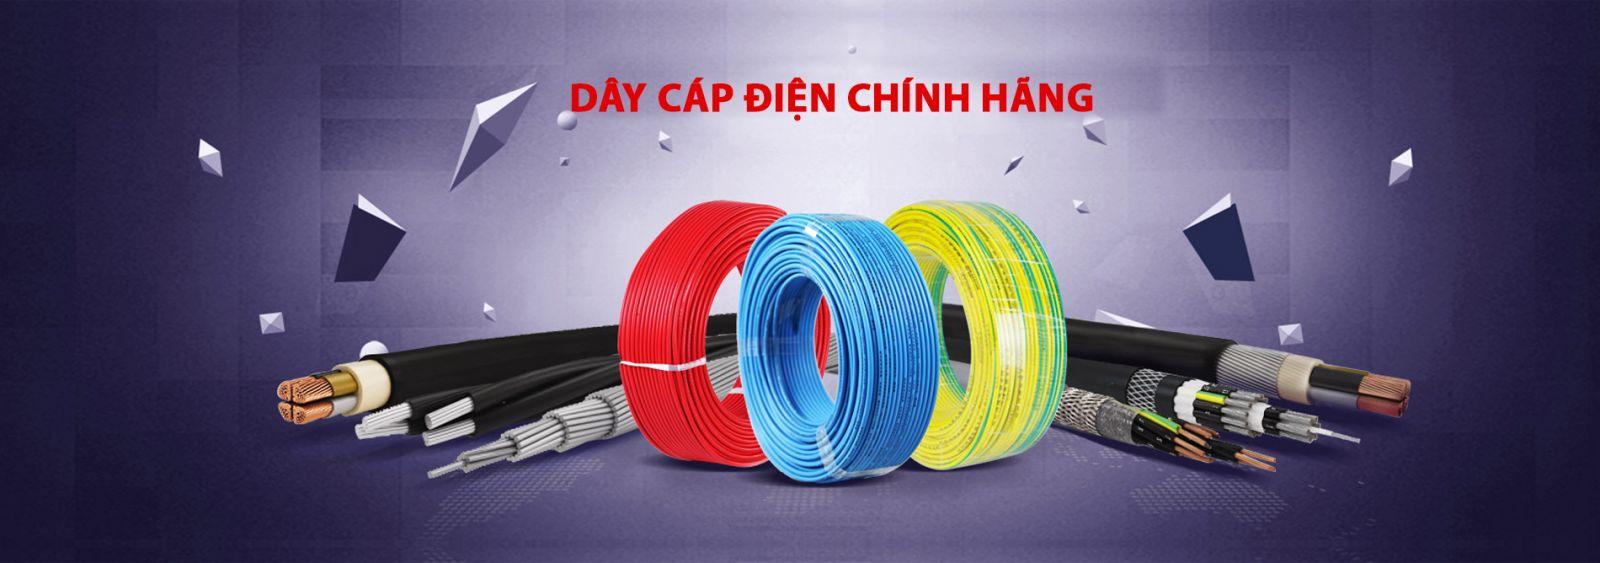 Banner quy trình sản xuất dây cáp điện